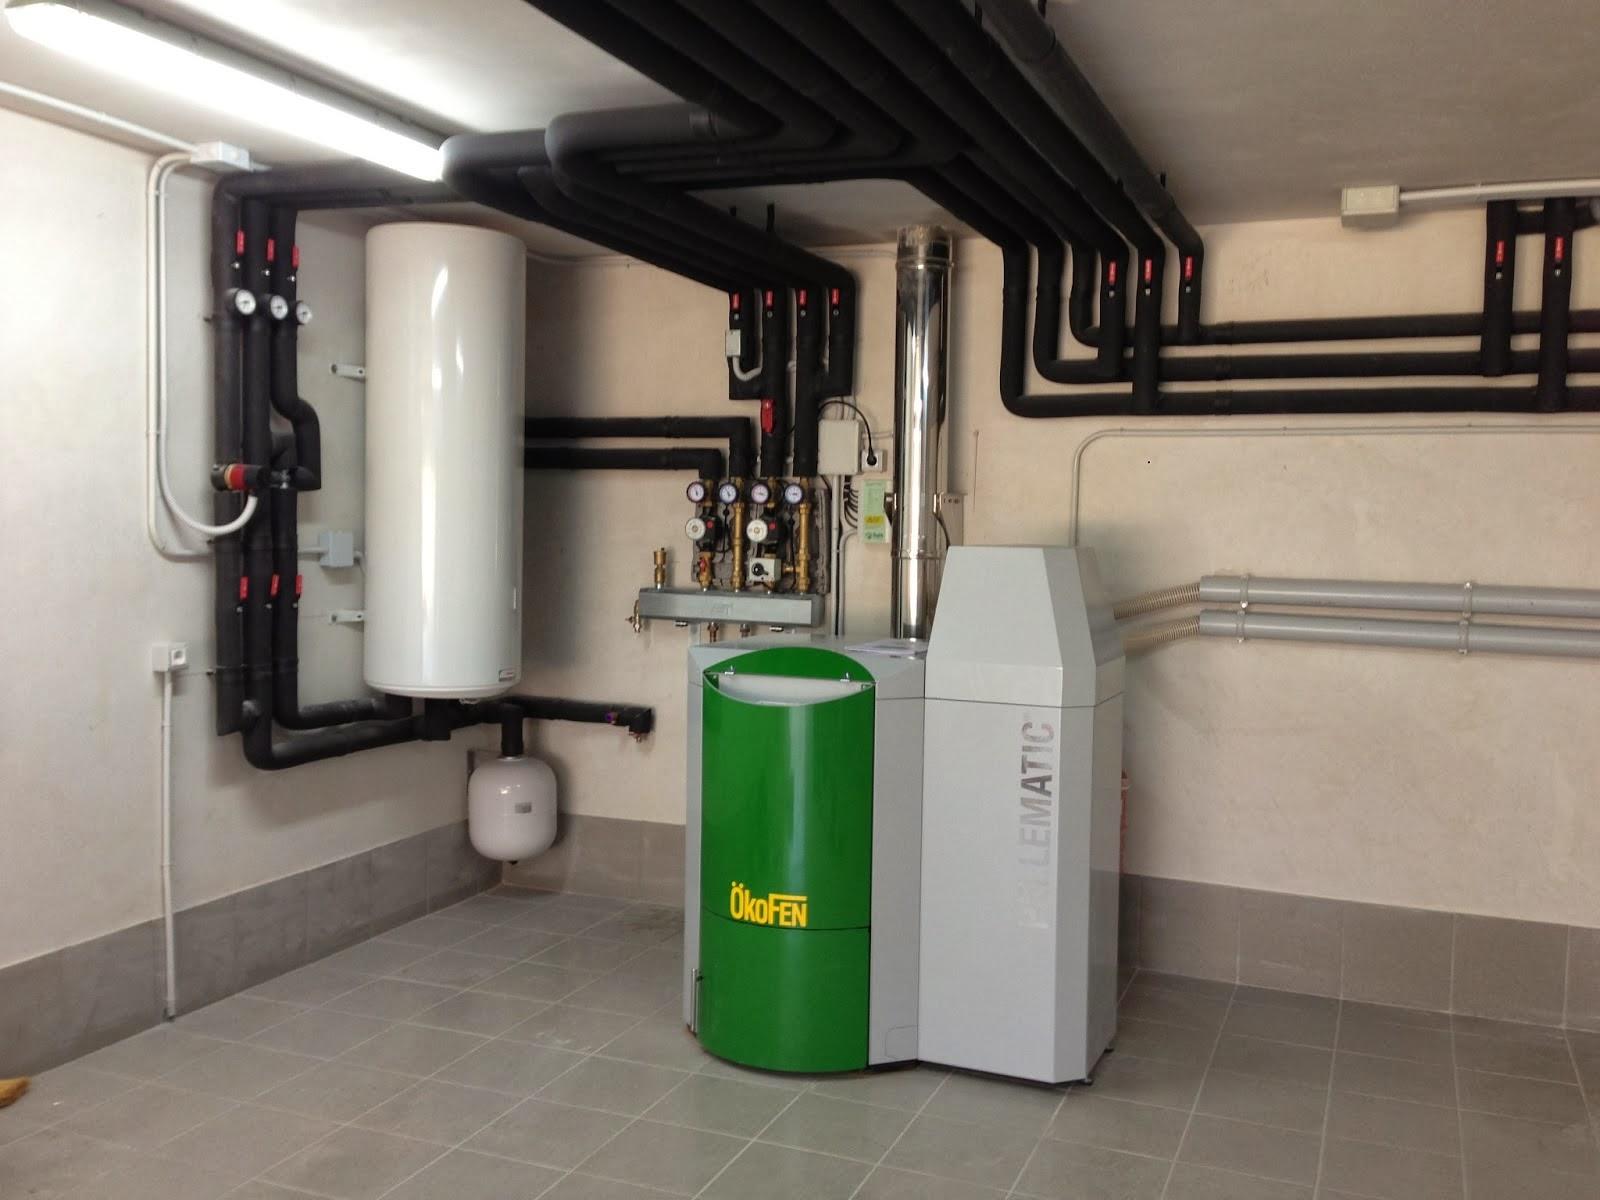 Caldera pellets agua y calefaccion cool caldera de pellets para calefaccion y agua caliente - Caldera pellets agua y calefaccion ...